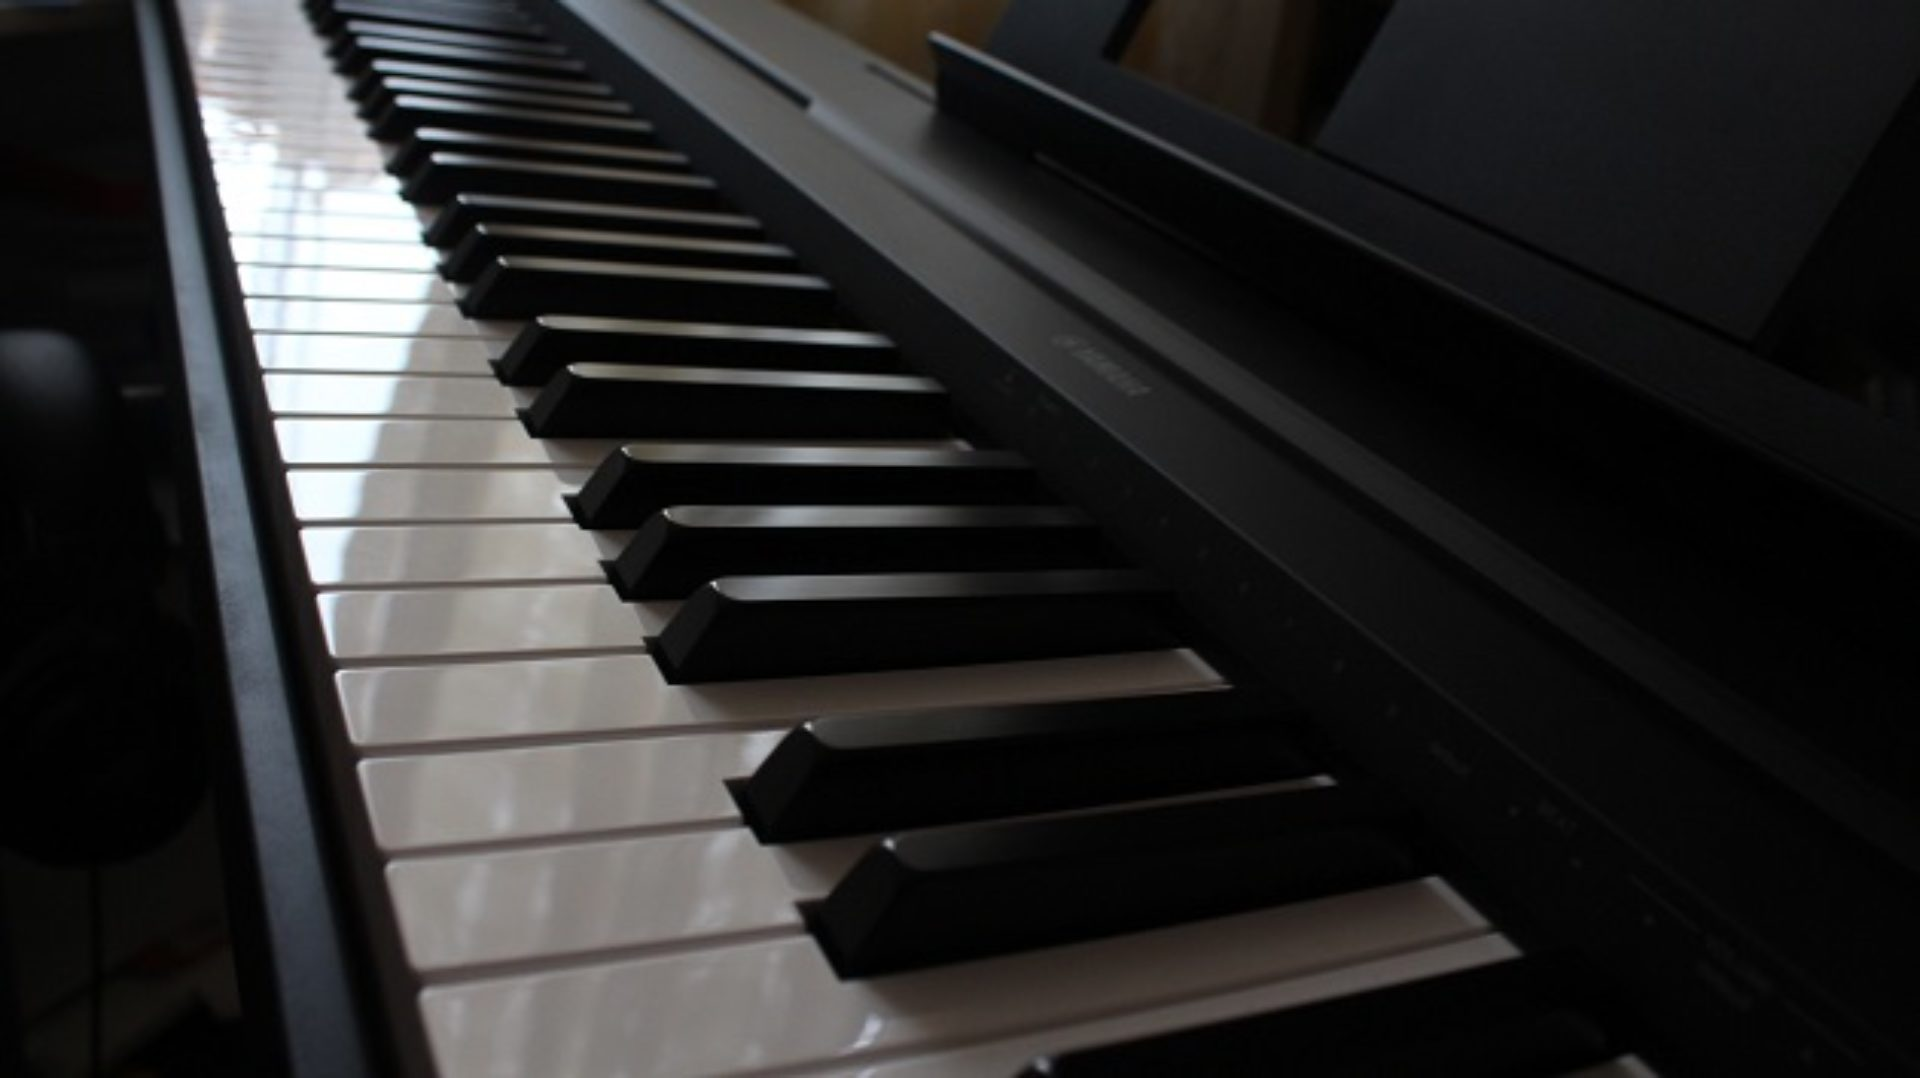 einsteiger-instrument.de